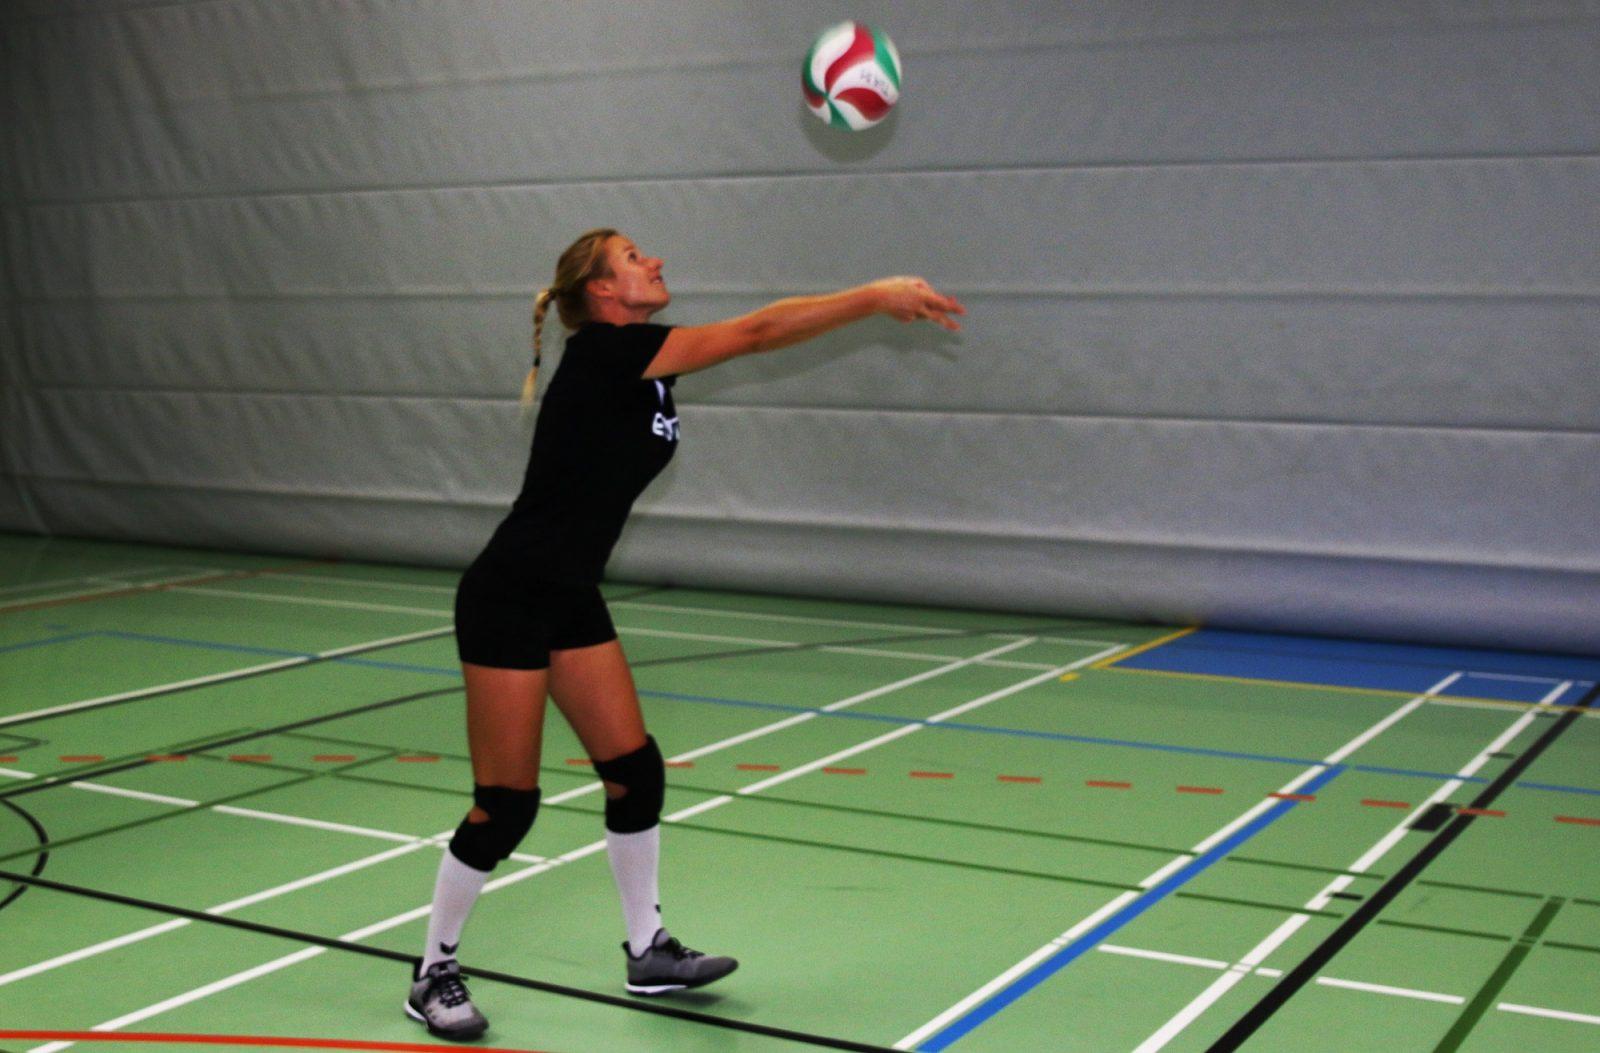 VOLLEYBALLSCHUHE VON ADIDAS Volleyballfreak